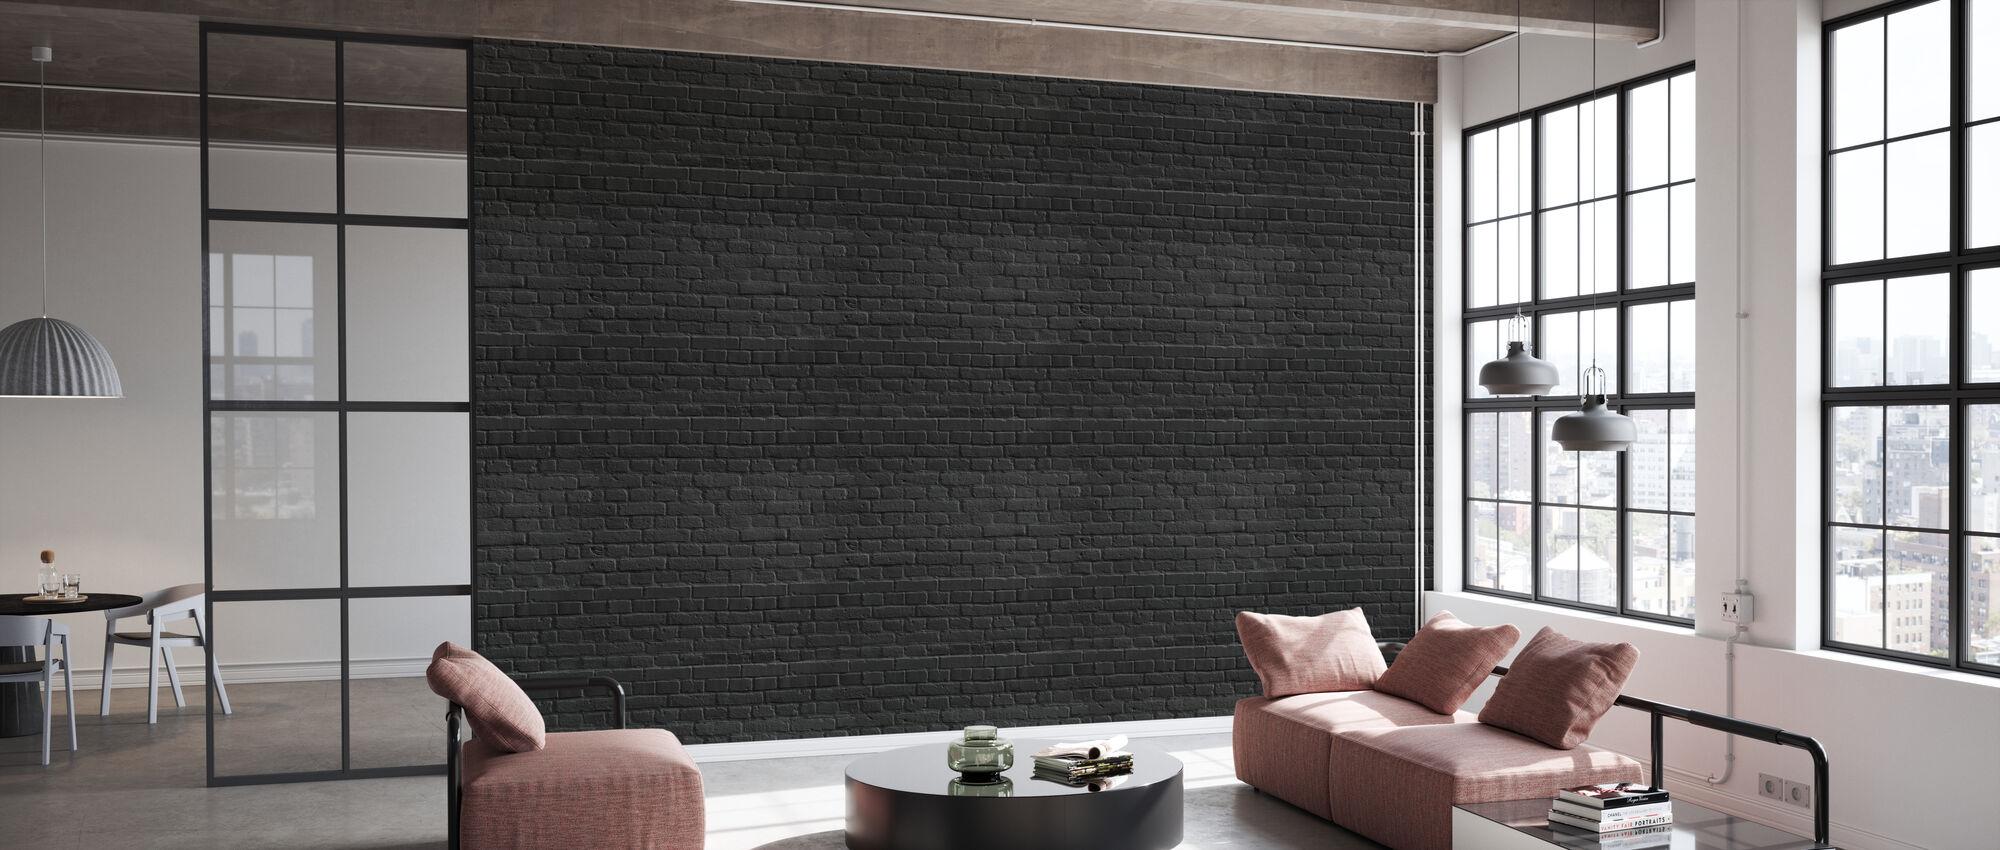 Mur de briques de couleur noire - Papier peint - Bureau